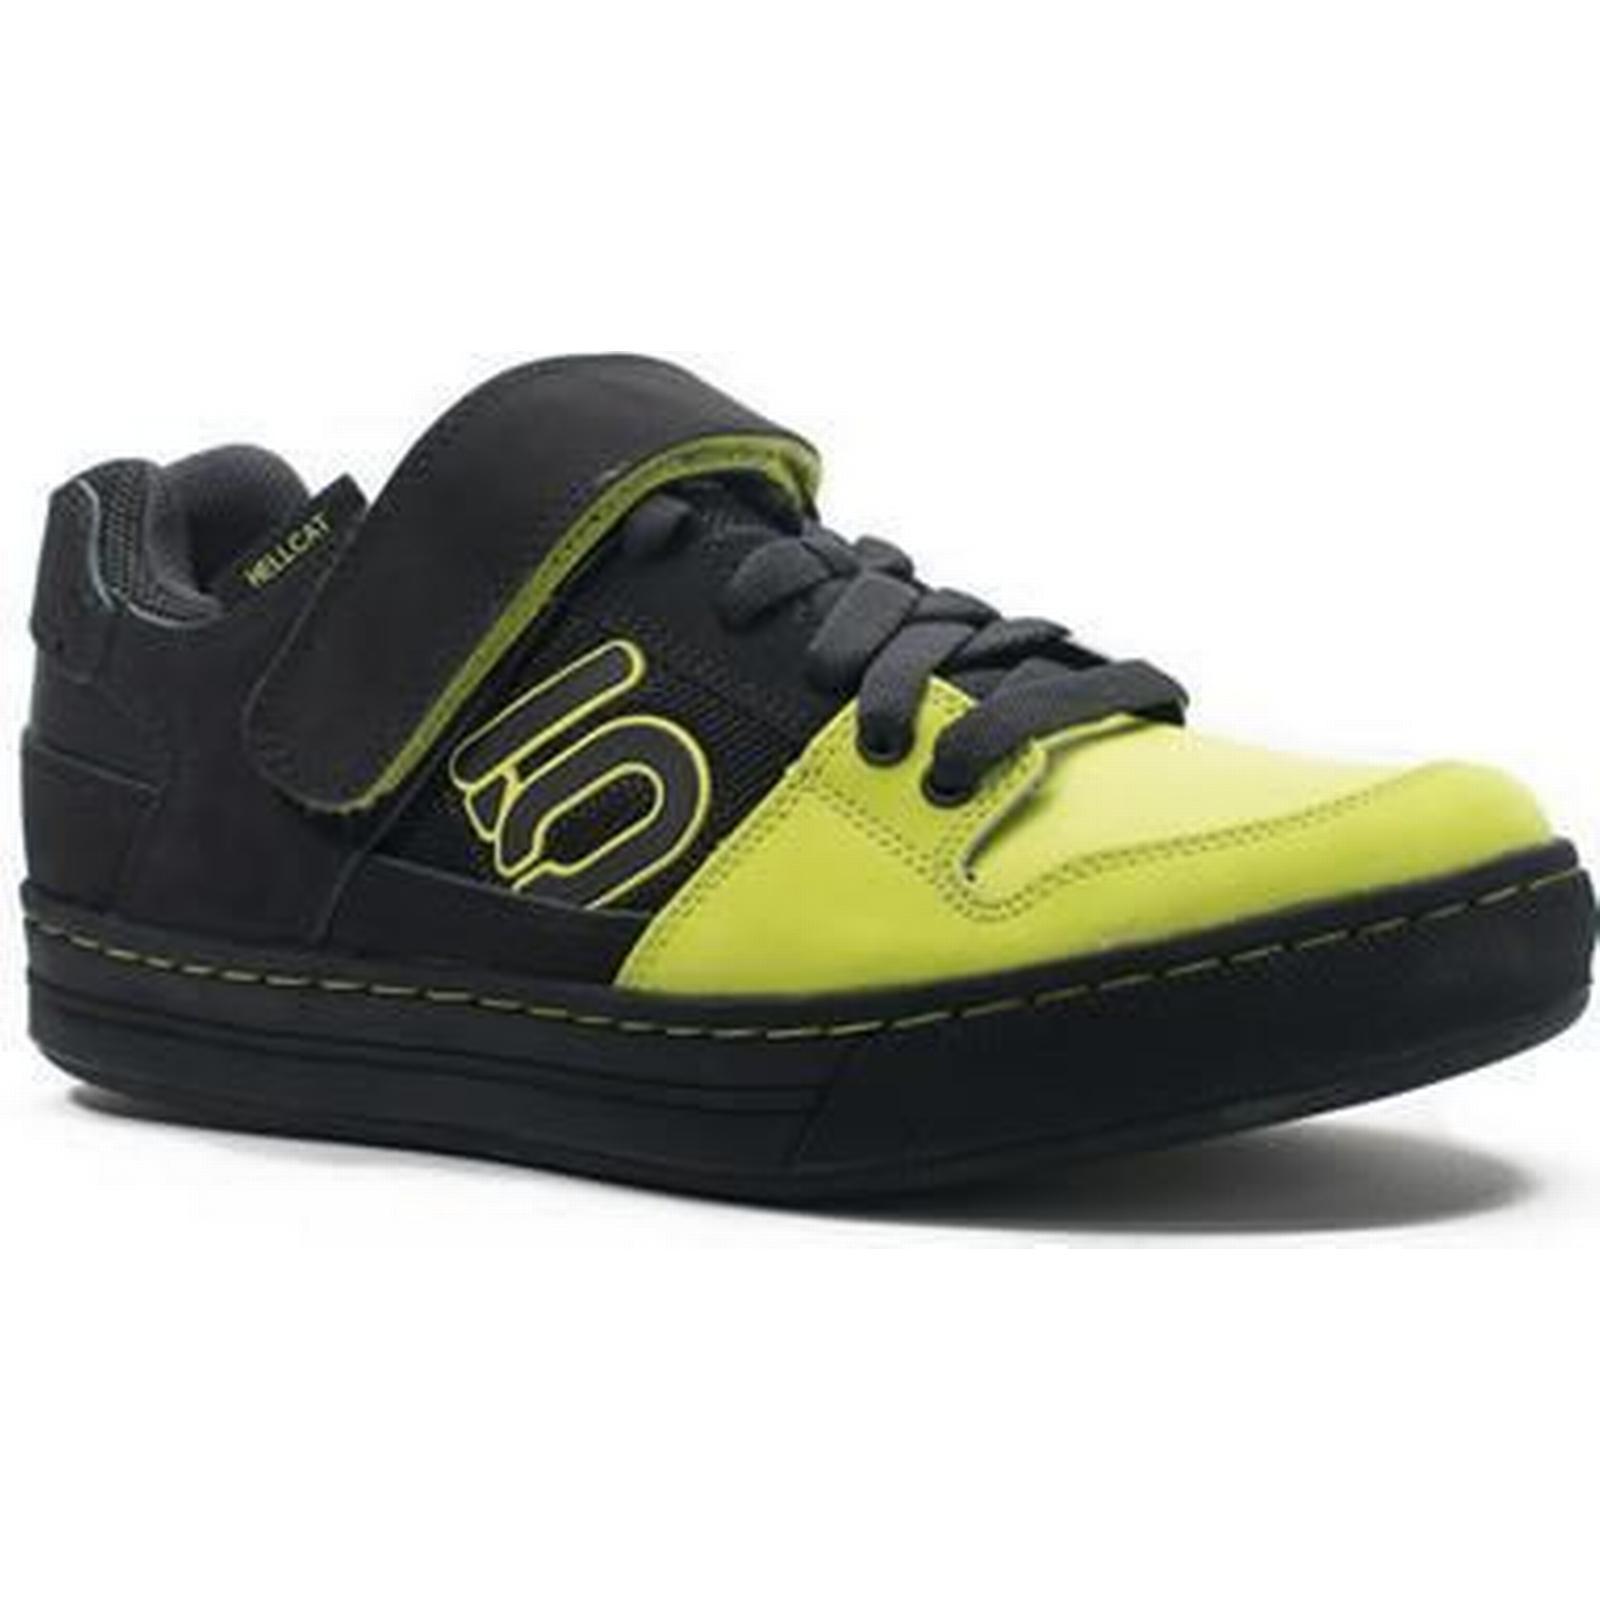 cinq à dix hellcat clipless dtm chaussure - gris gris gris / noir - 9 1c4375